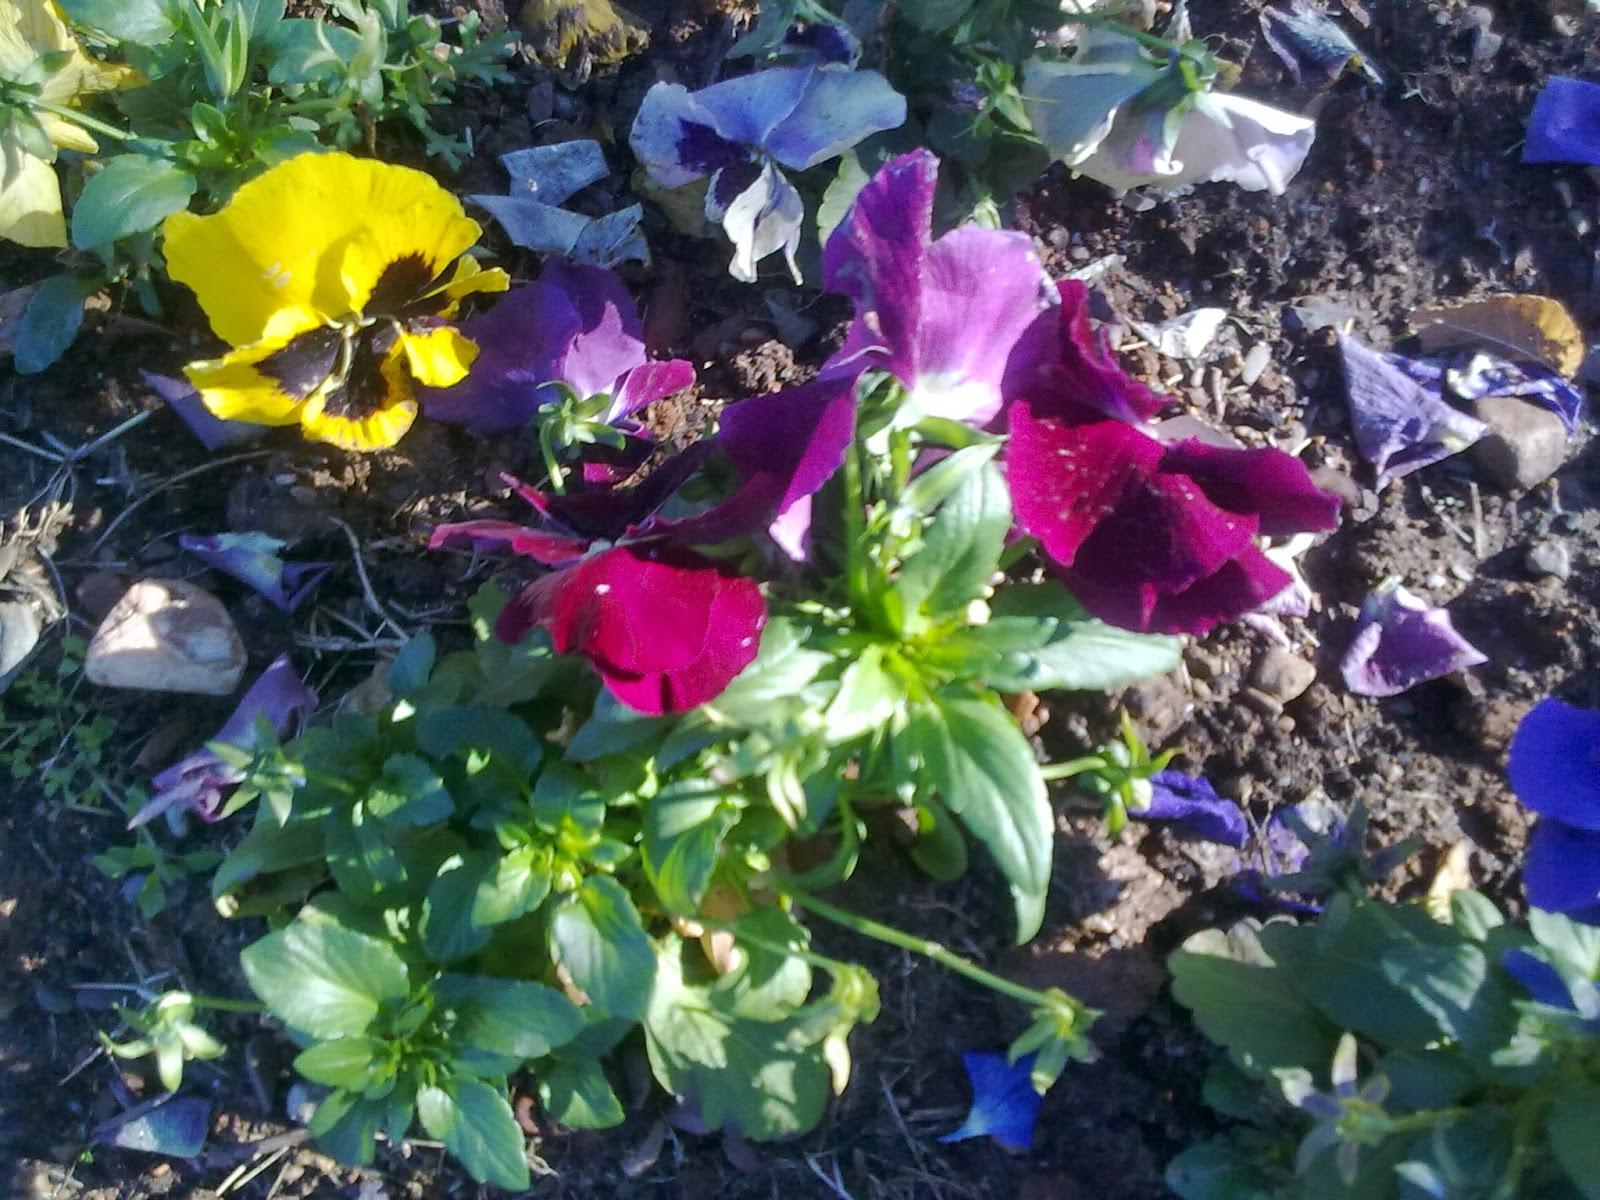 Fotos De Plantas De Interior Con Flores - Las plantas de interior más bonitas para alegrar nuestra